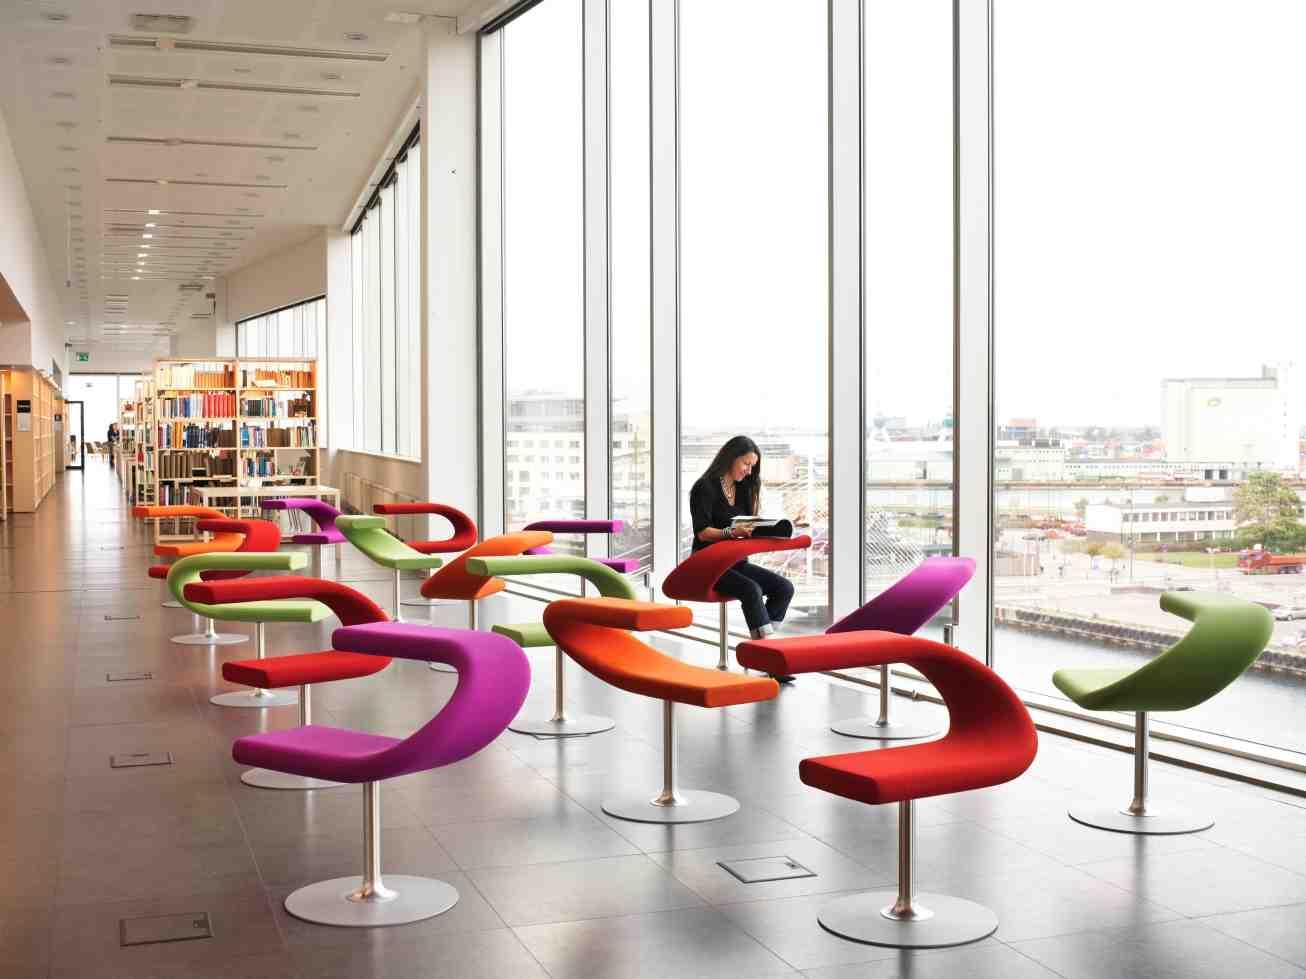 Eco design furniture: Svanemrkede mbler - Svanemrkede ...